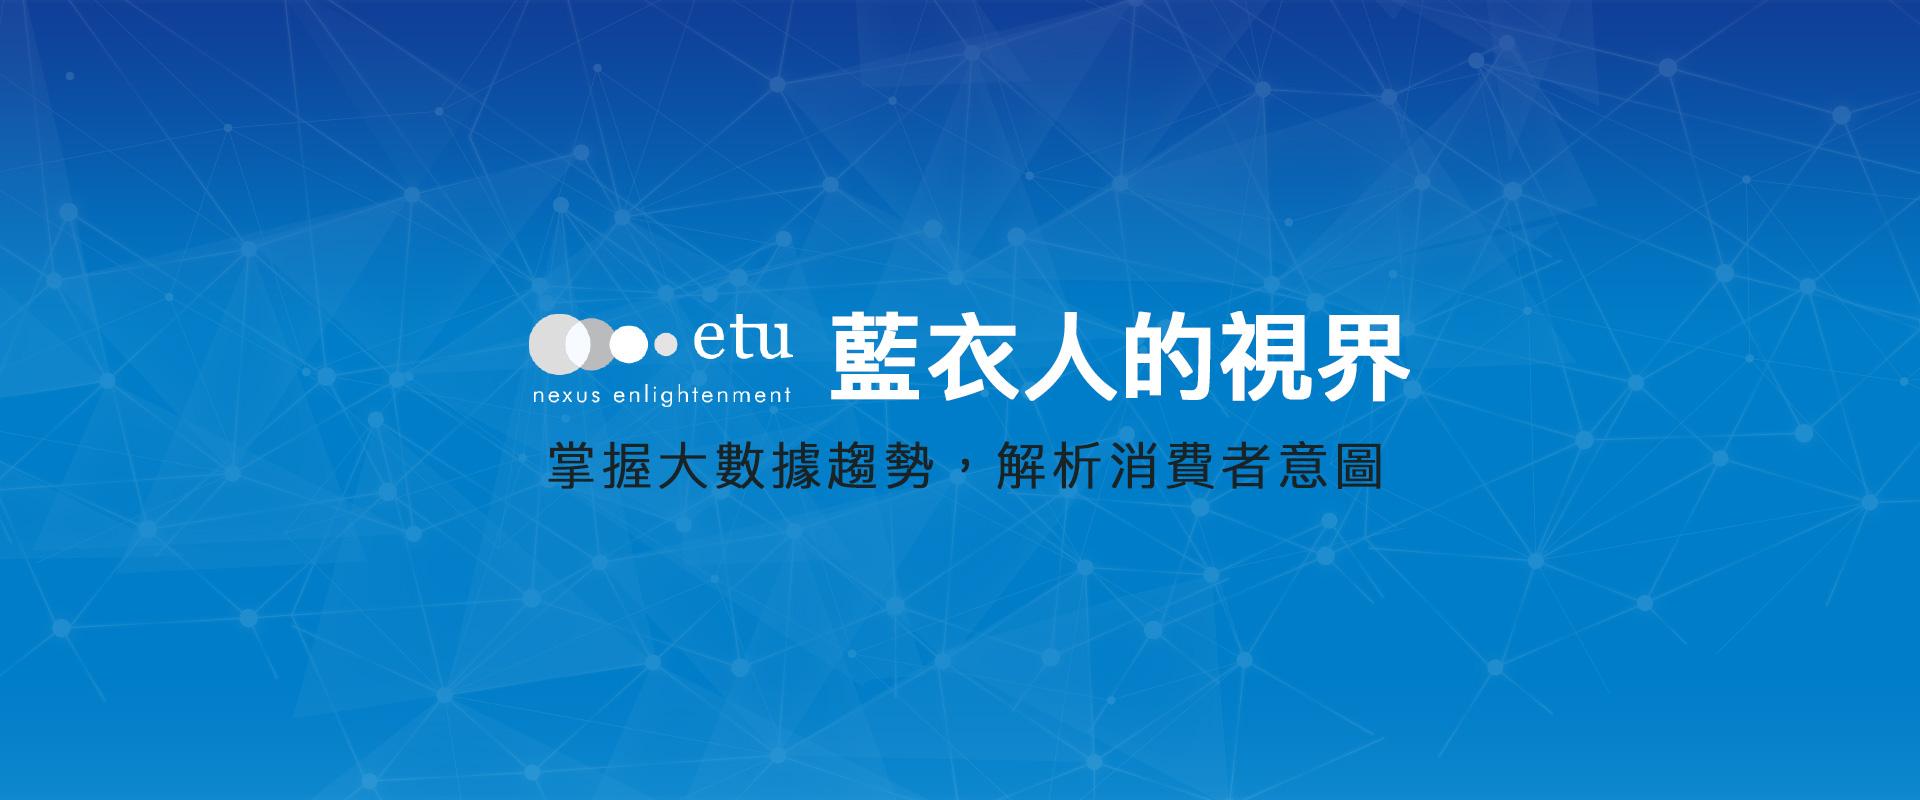 event_160615_Etu Blog